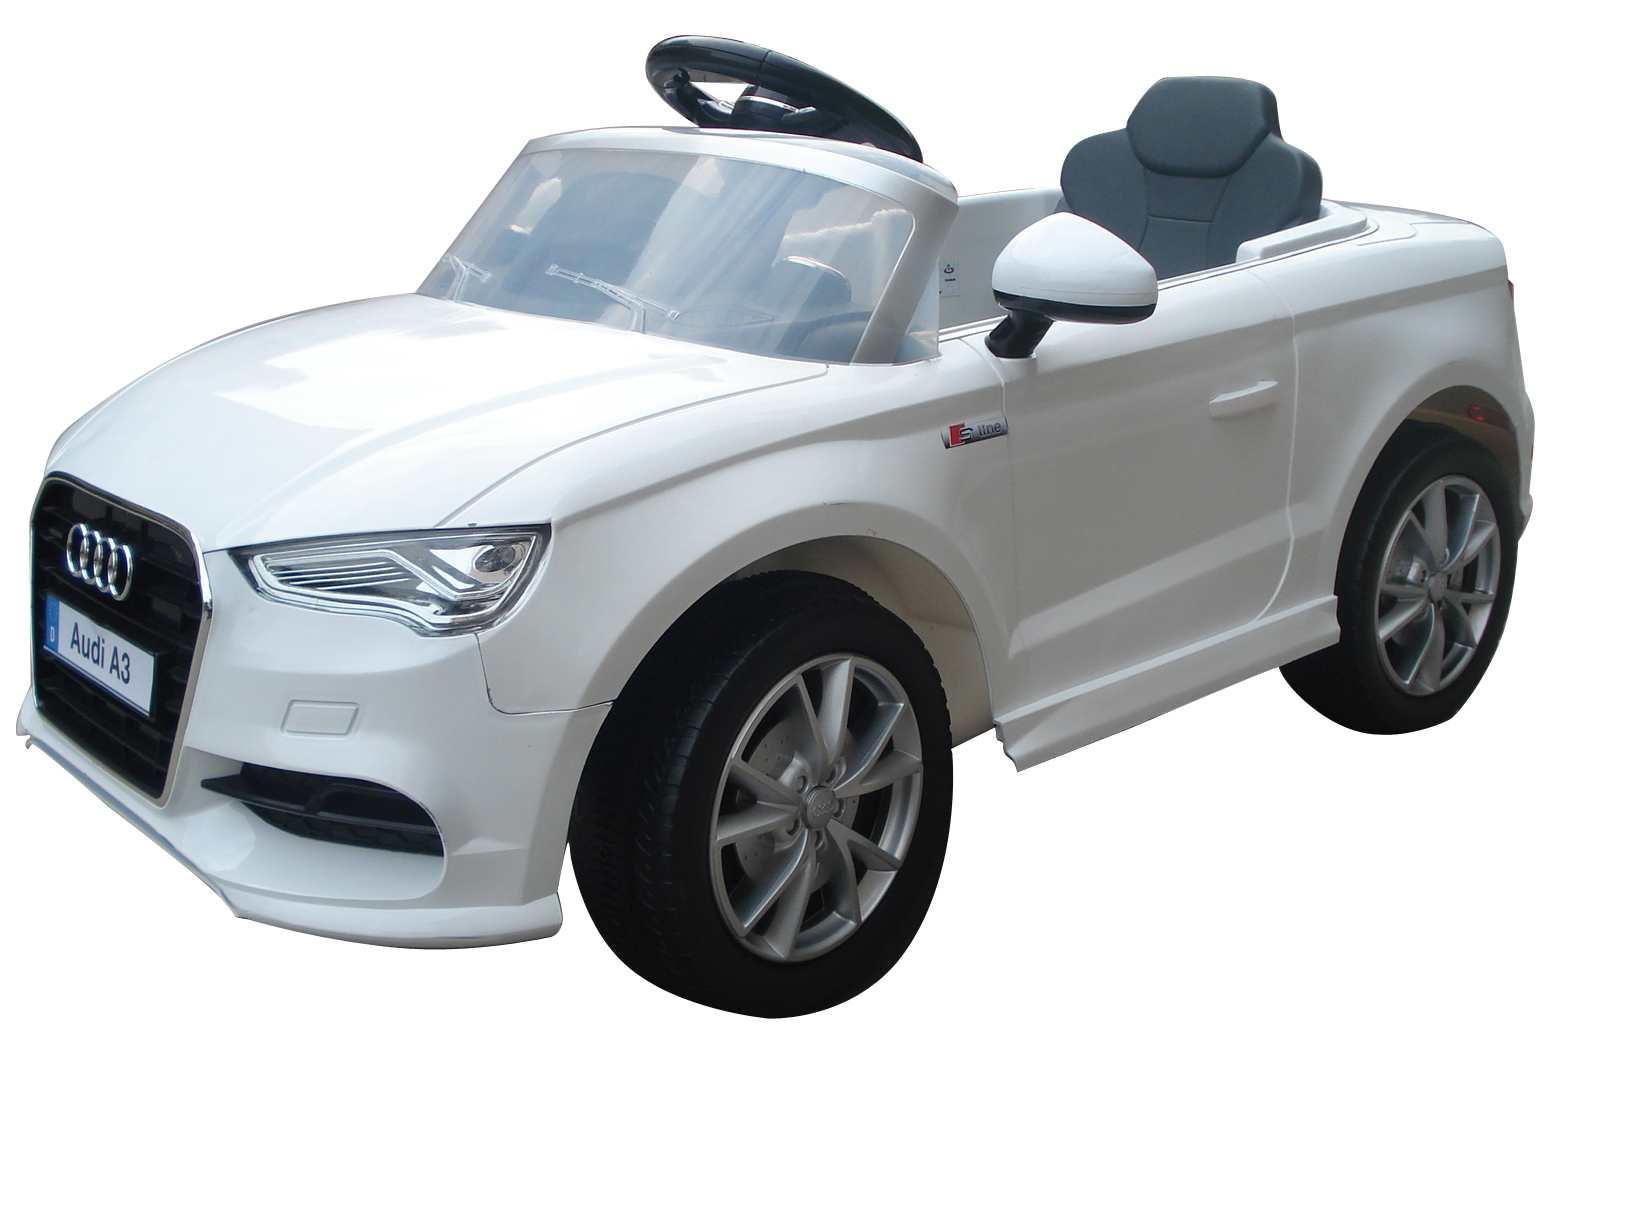 2.4G télécommande sans fil véhicule électrique à quatre roues pour enfants avec télécommande enfants Rechargeable bébé voiture enfants jouet voiture